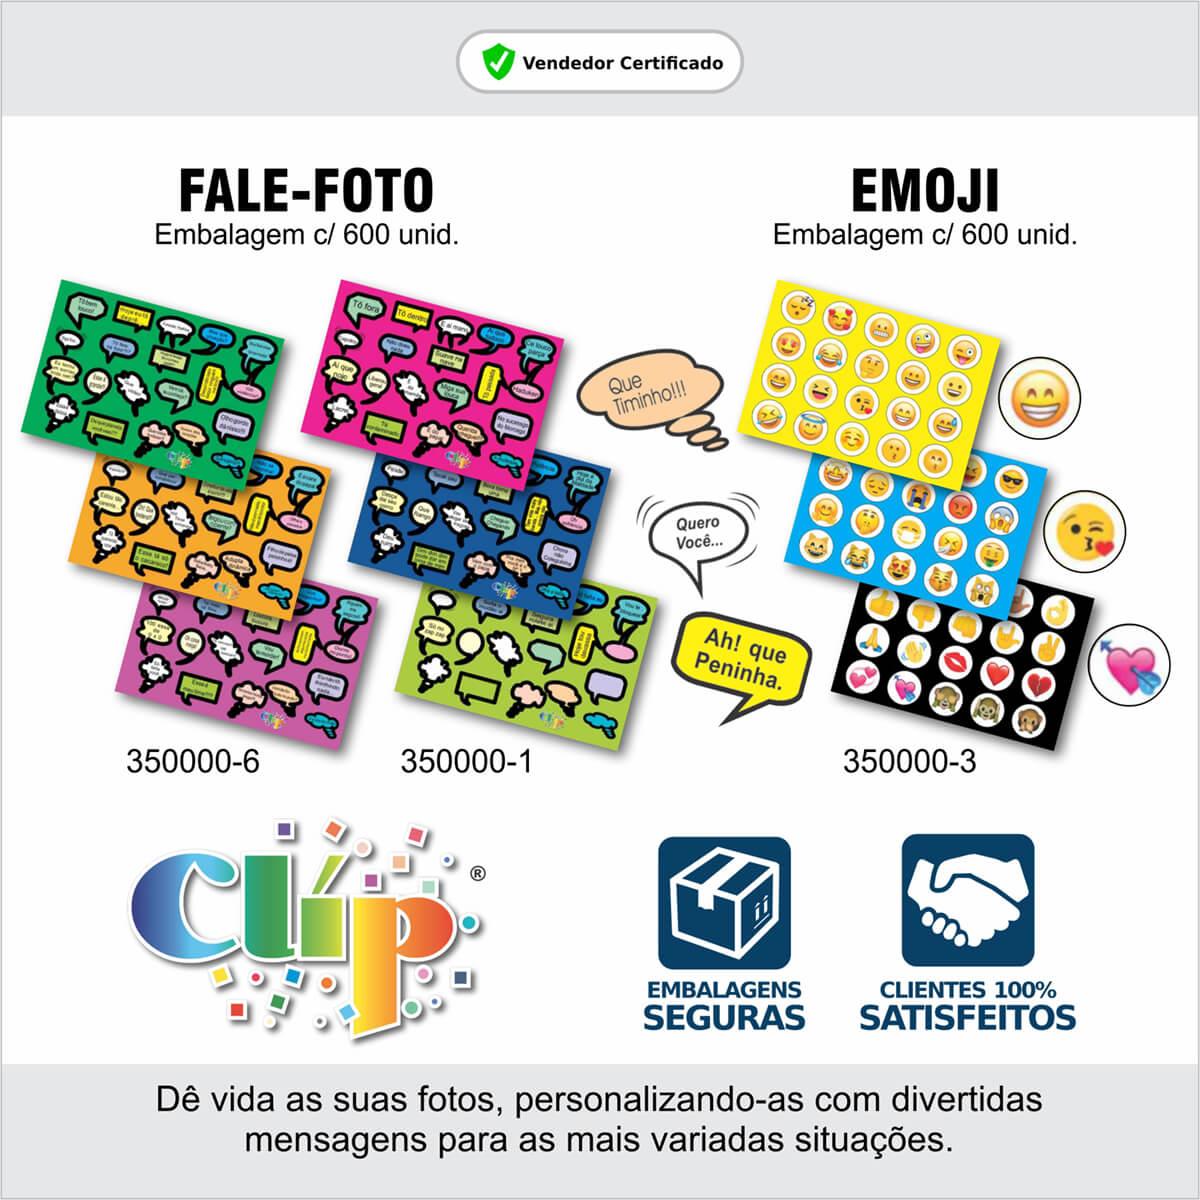 ADESIVOS STICKERS EMOJIS DIVERTIDOS PARA DECORAÇÃO DE FOTOS SCRAPBOOK 600 CARTELAS